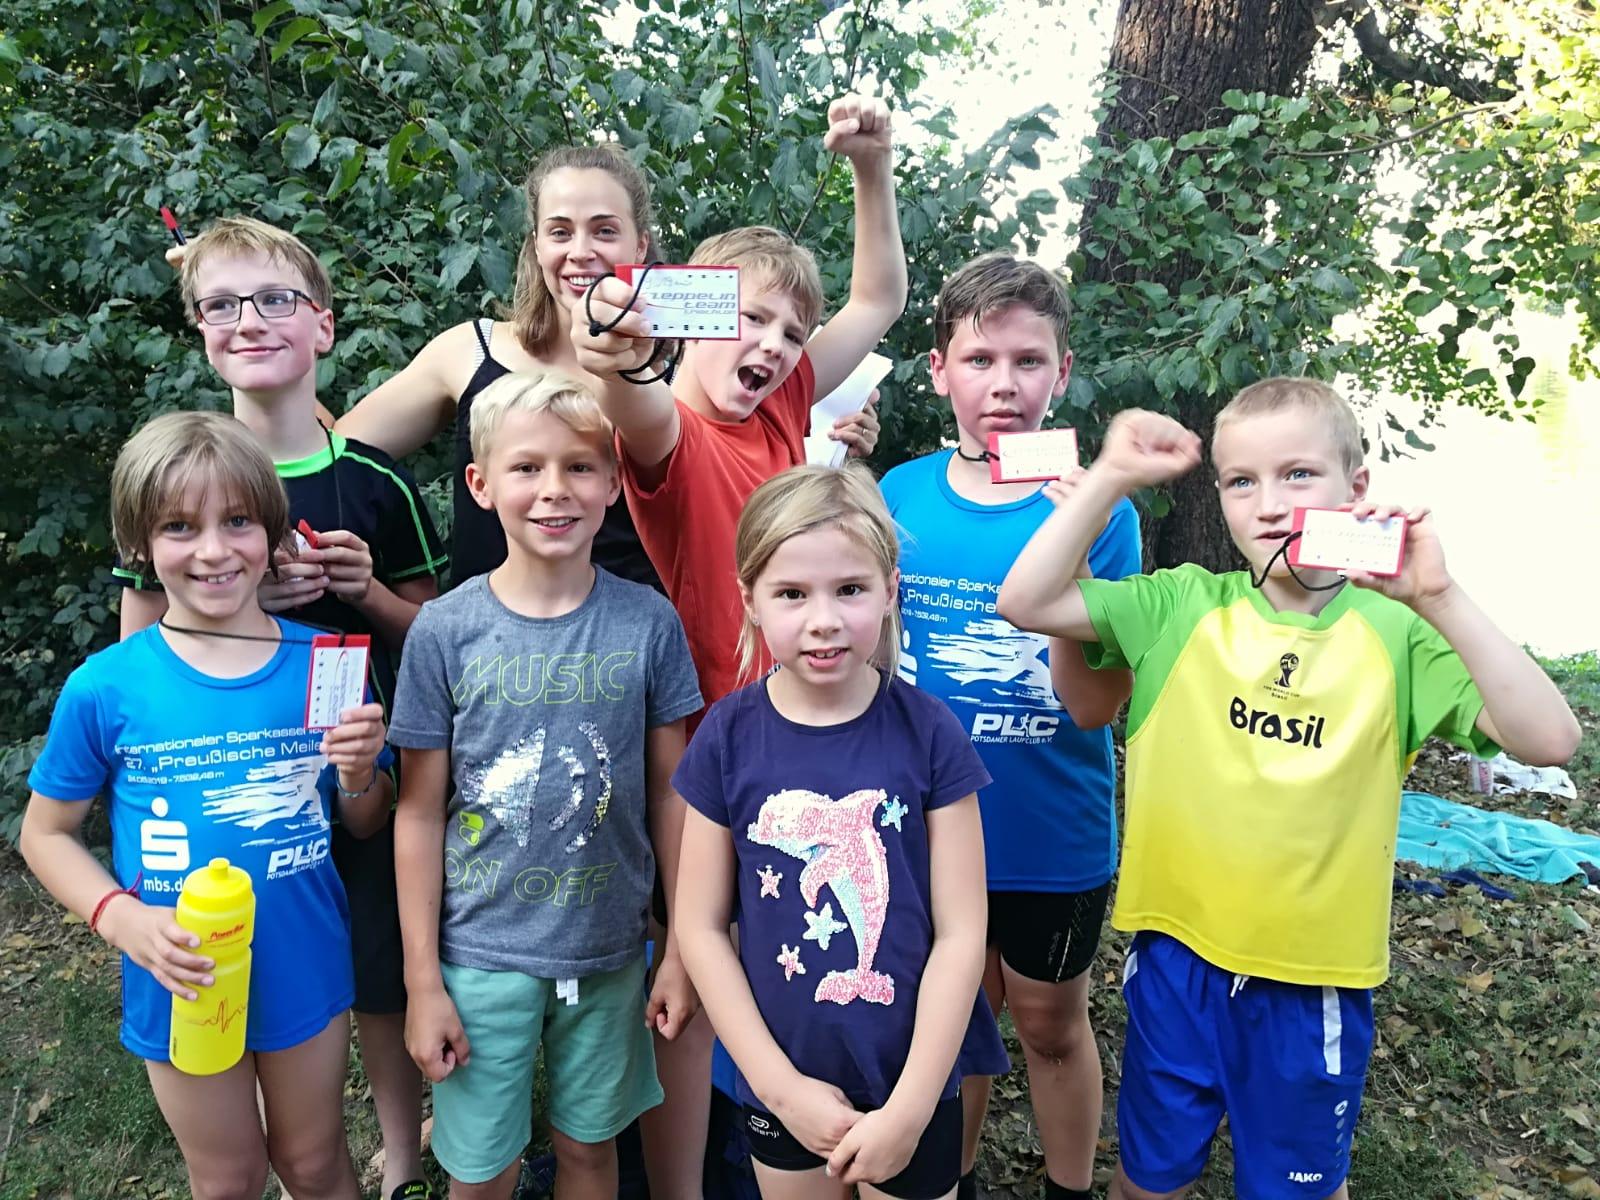 ÜbungsleiterIn/ TrainerIn für Kinderschwimmgruppe gesucht